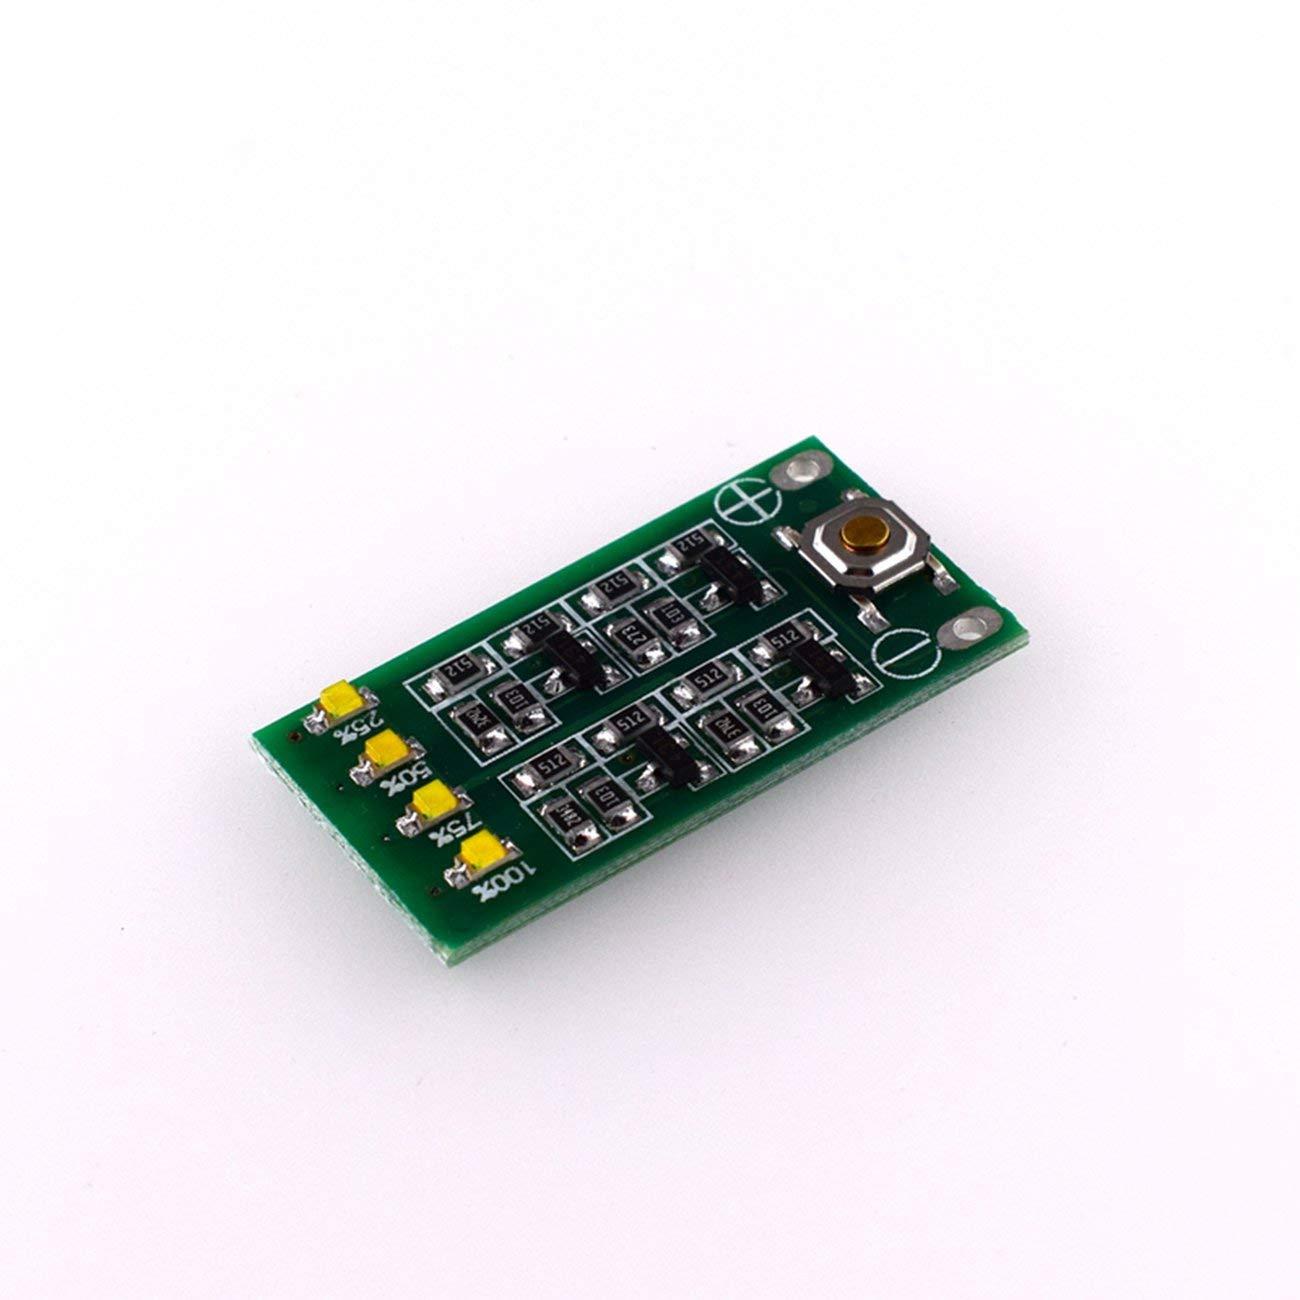 Scheda dellindicatore del pannello di alimentazione elettrica del pannello del tester di batteria al litio HW-680 per batteria al litio dello Li-ione di 3pcs verde